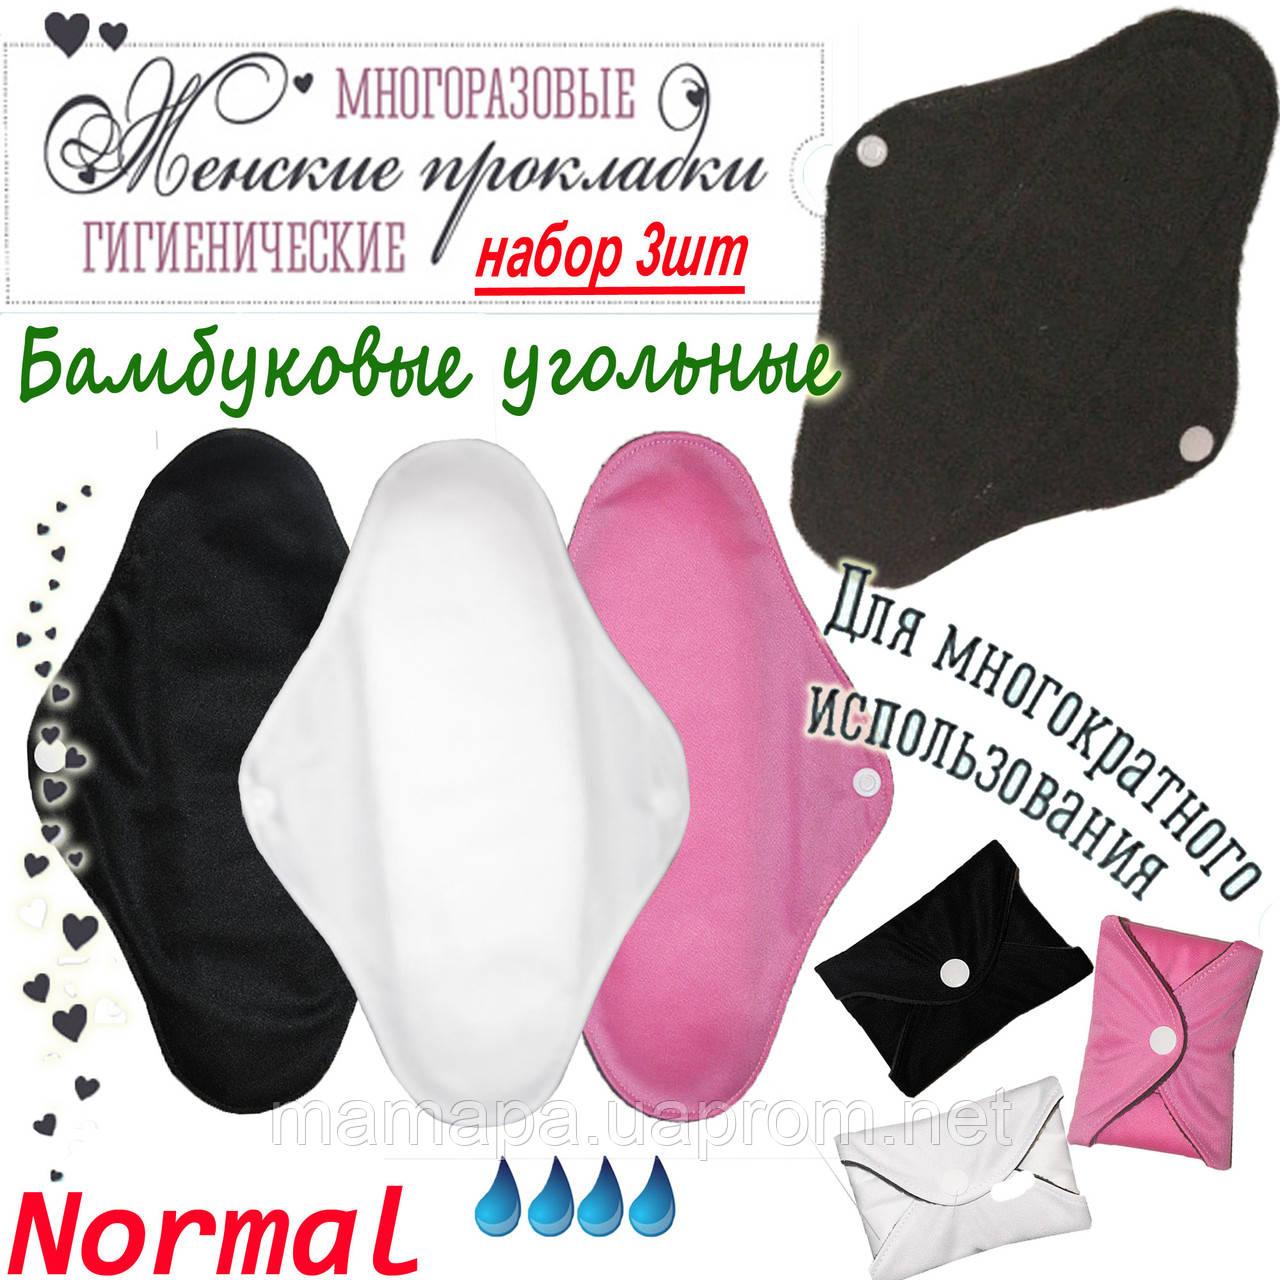 Многоразовые прокладки NORMAL-4 3шт бамбук угольный, непромокаемые, дышащие